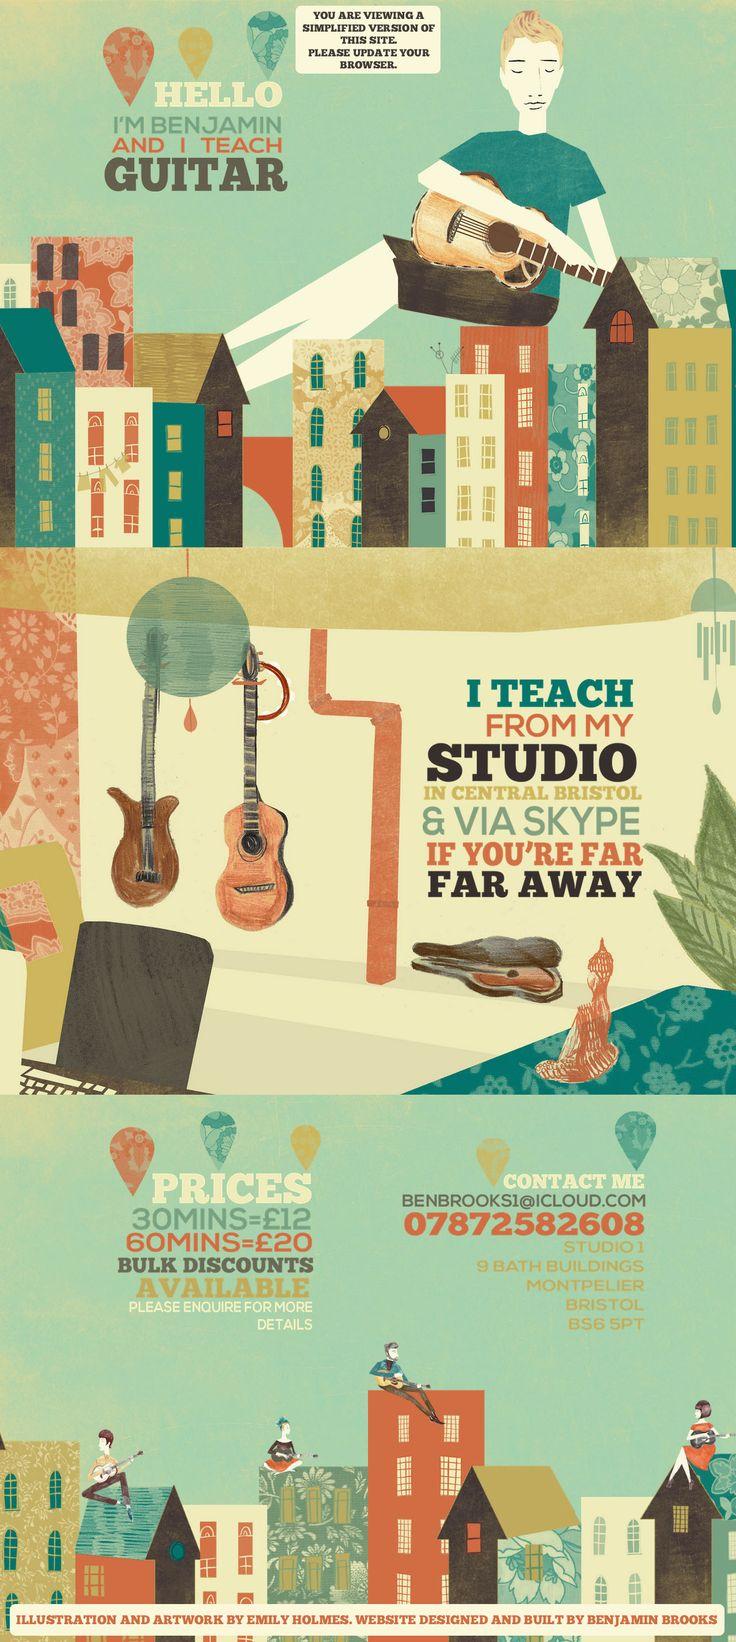 bristol guitar lessons emily holmes illustration benjamin brooks acoustic upgrade browser